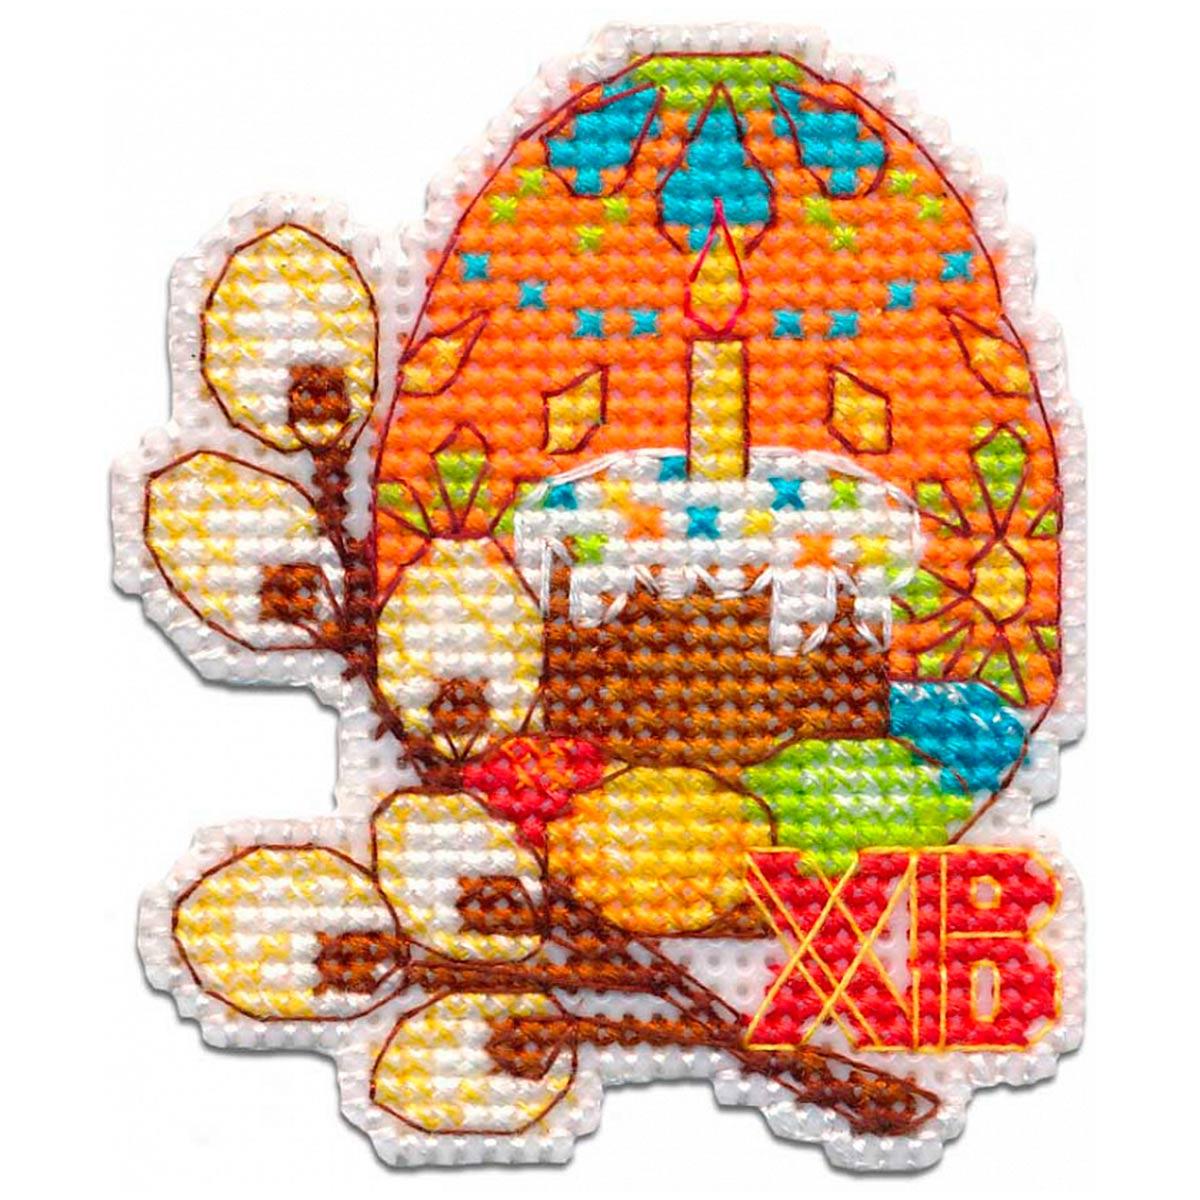 1289 Магнит на пластиковой канве ОВЕН 'Пасхальное яйцо'6,3×7,3см